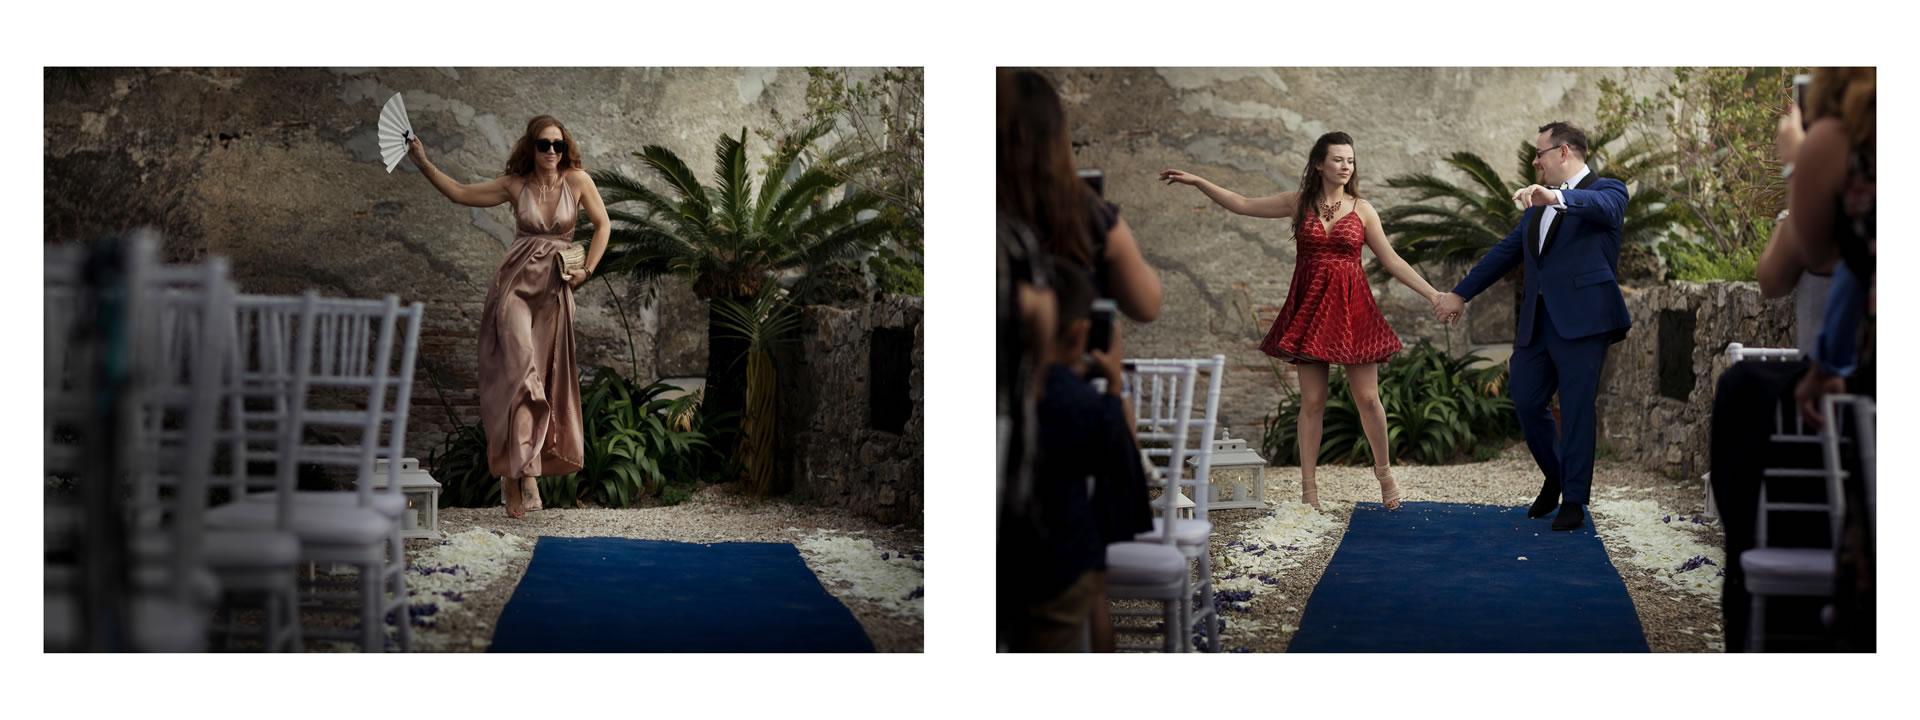 same-sex-love-in-portofino-david-bastianoni-photographer-00017 - 17 :: Wedding in Portofino // WPPI 2018 // The man that I love :: Luxury wedding photography - 16 :: same-sex-love-in-portofino-david-bastianoni-photographer-00017 - 17